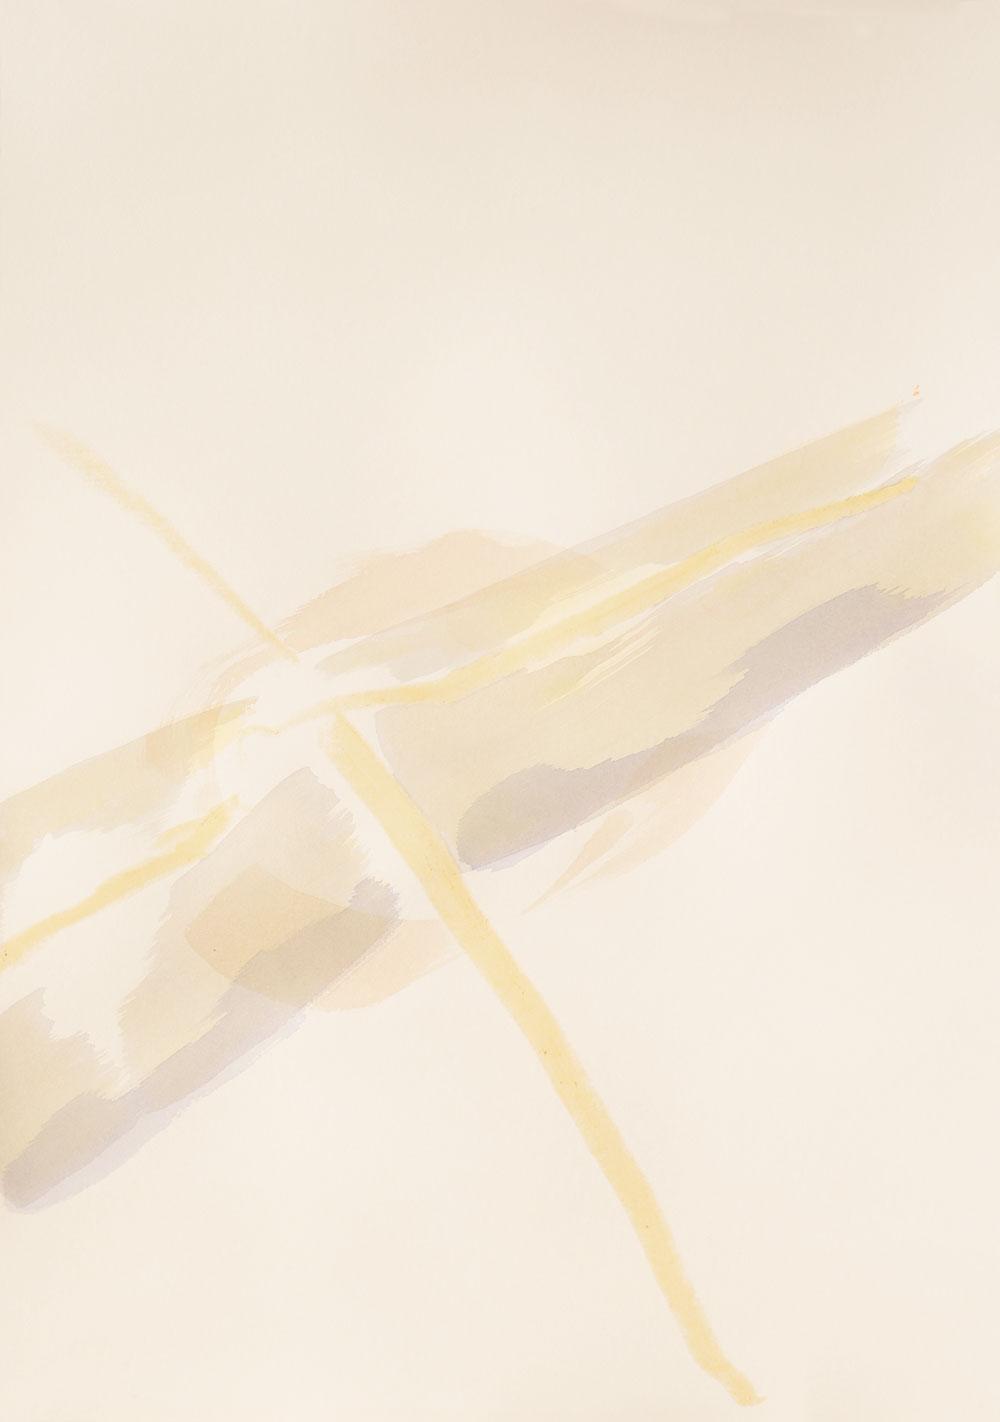 honiggelbe Linienkreuzung, gesäumt von Pinselspuren in Violett und Braun